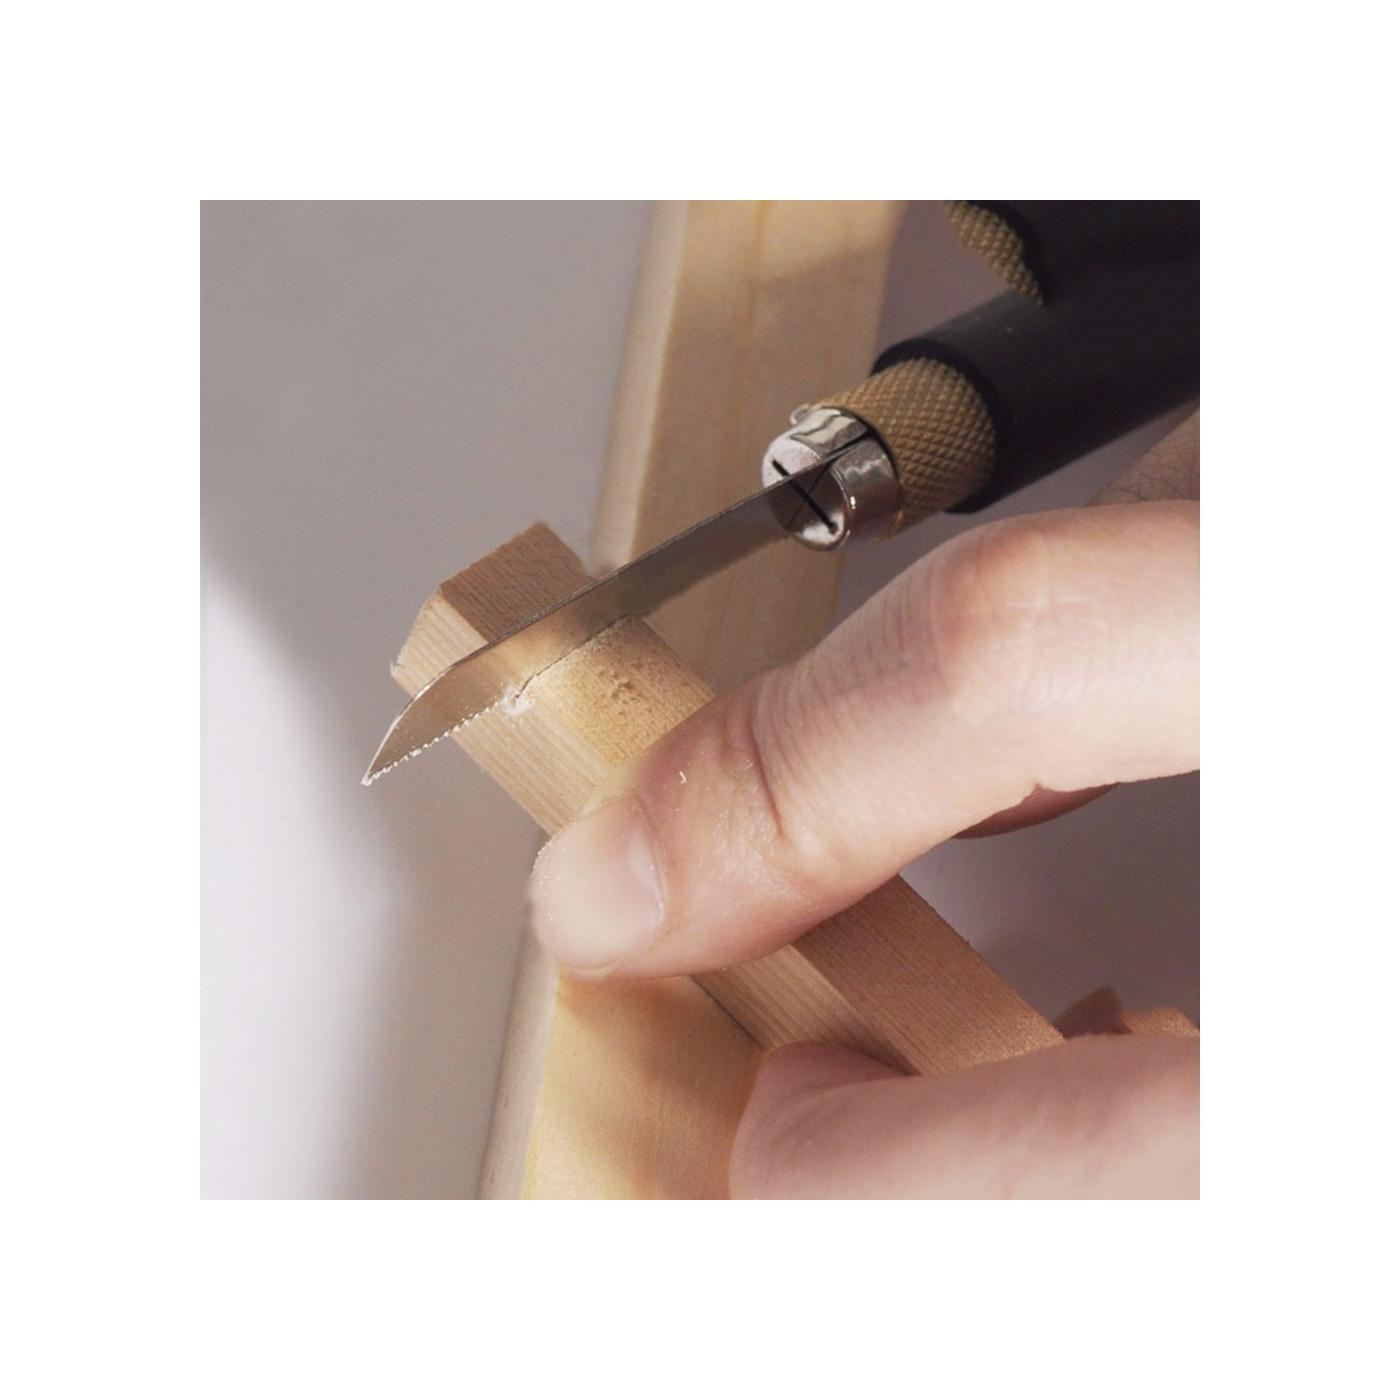 Mini, kleine handzaag in penvorm met 2 zaagbladen